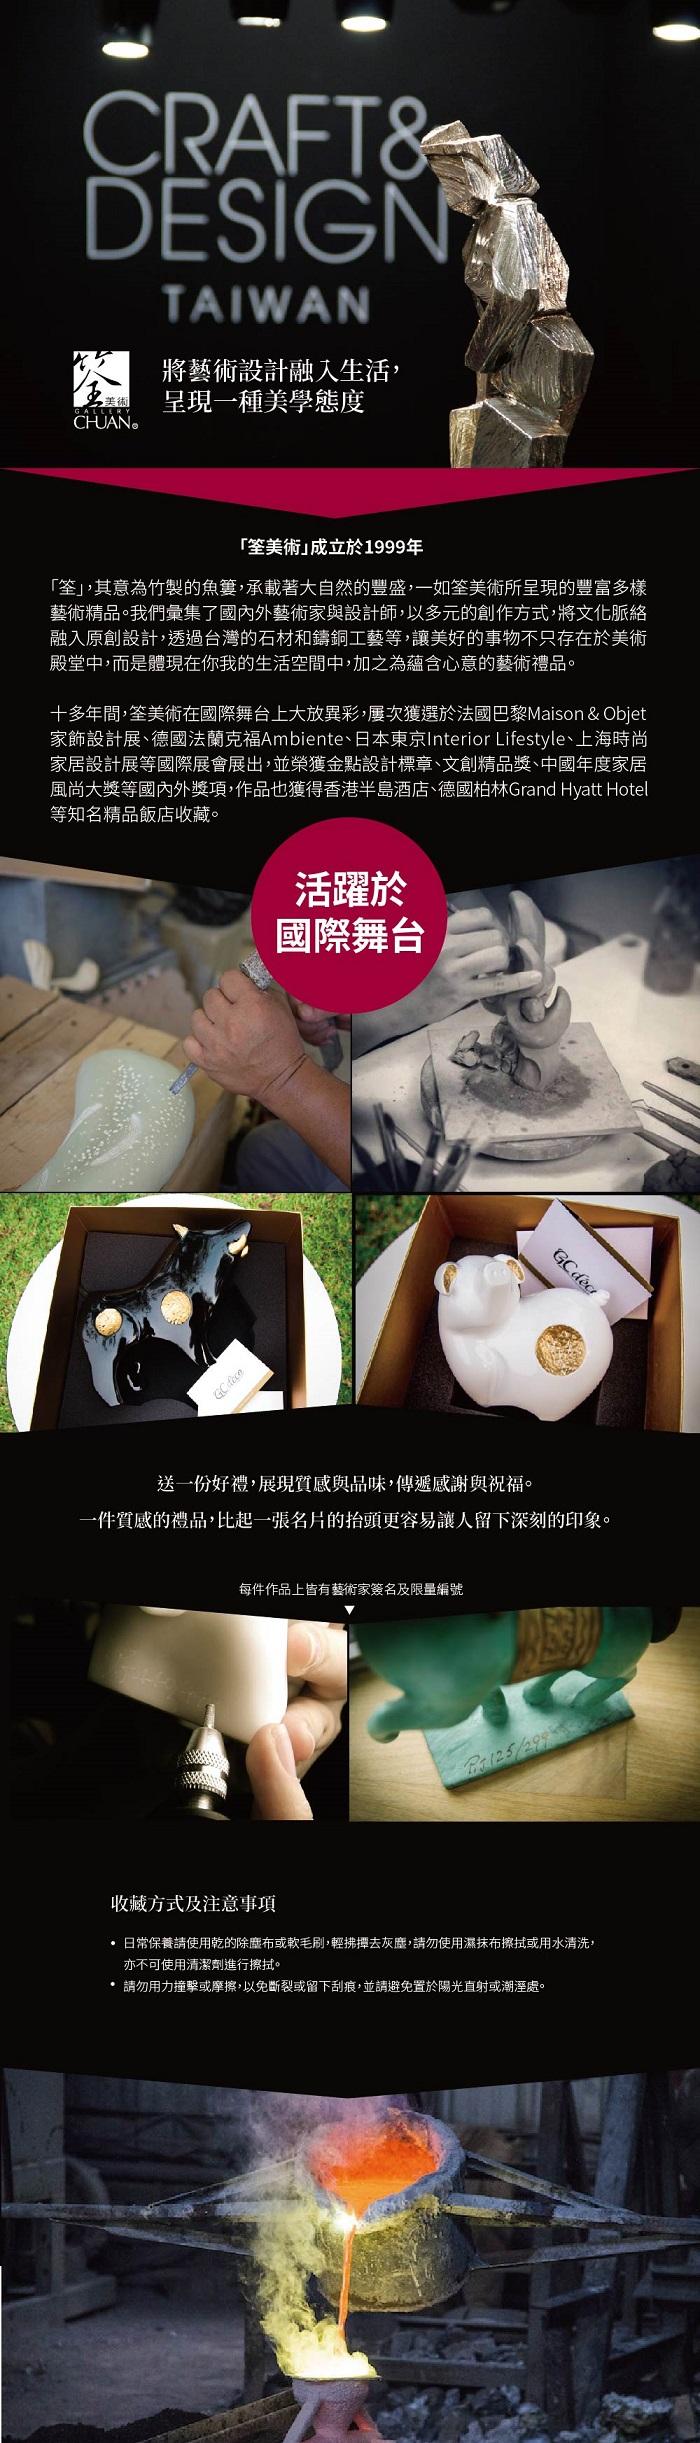 筌美術Gallery Chuan | 尊榮系列_《納.財源 》豬造型擺飾